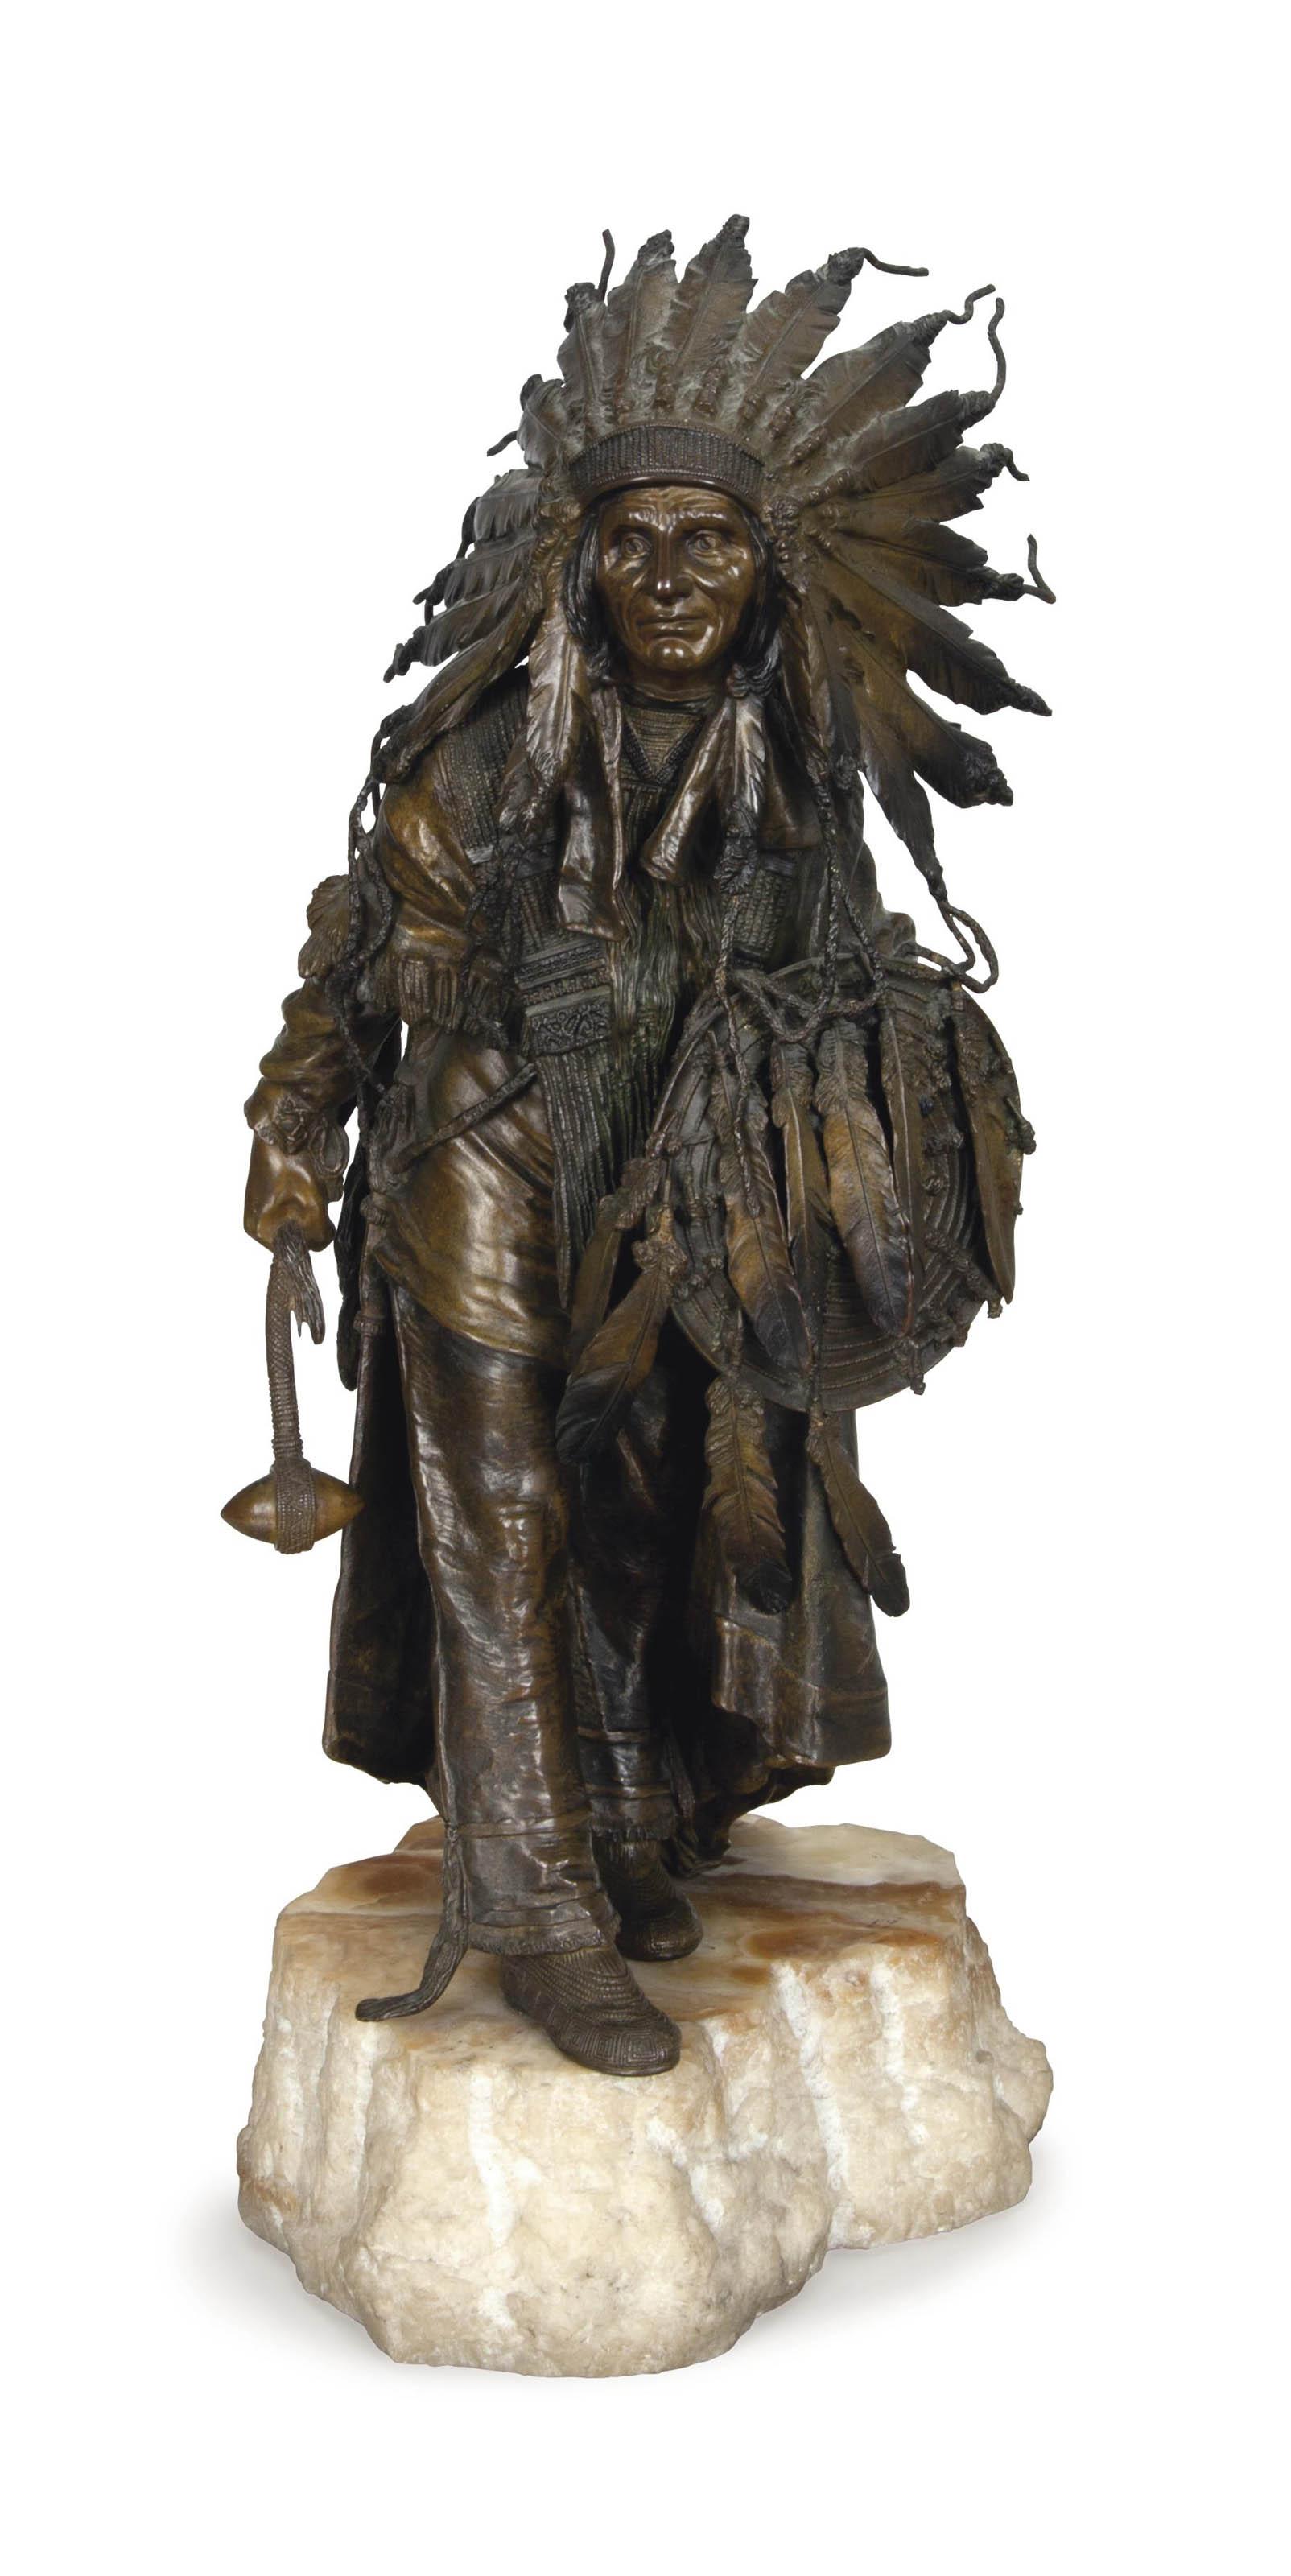 Untitled (Warrior Chief)